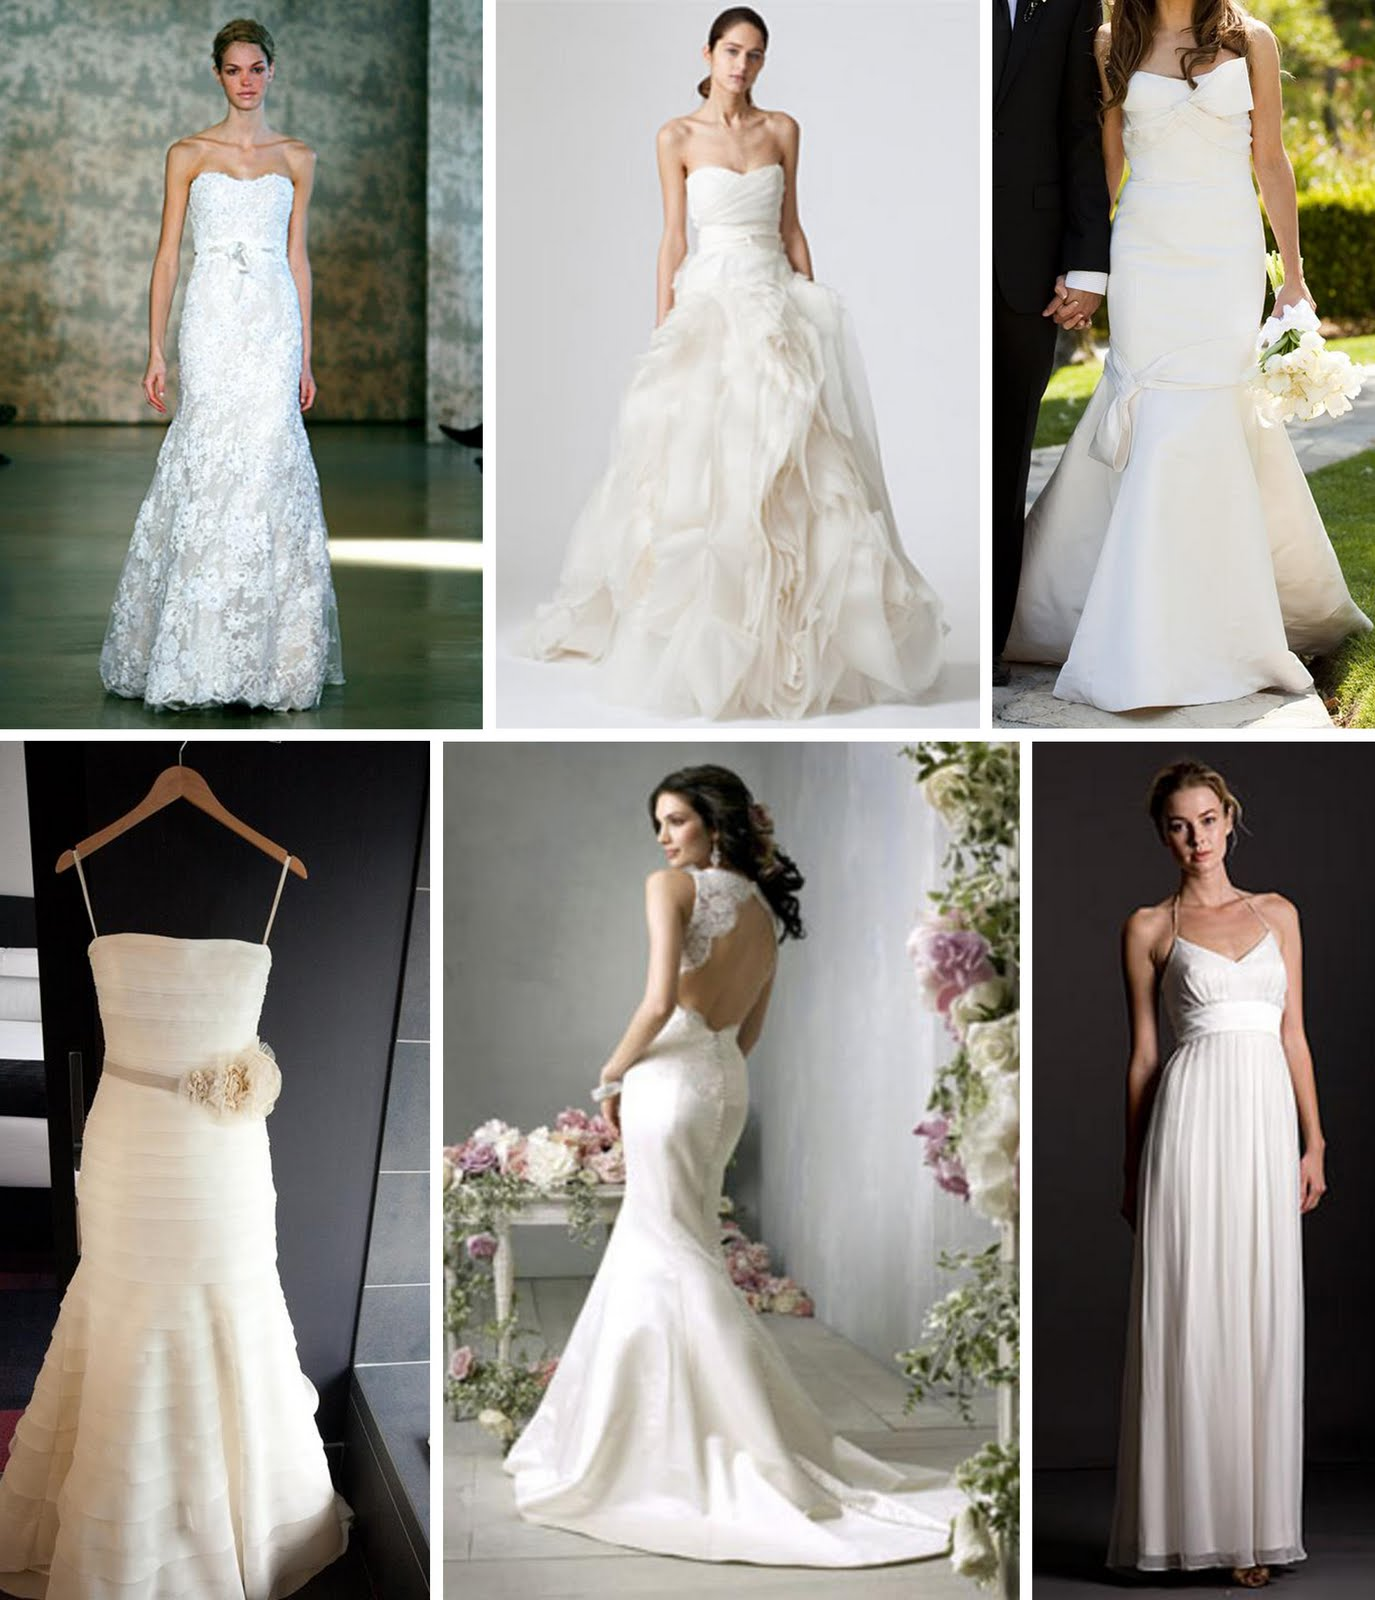 Pre Owned Wedding Gowns: The Artful Bride Wedding Blog: Eco-Friendly Wedding Budget